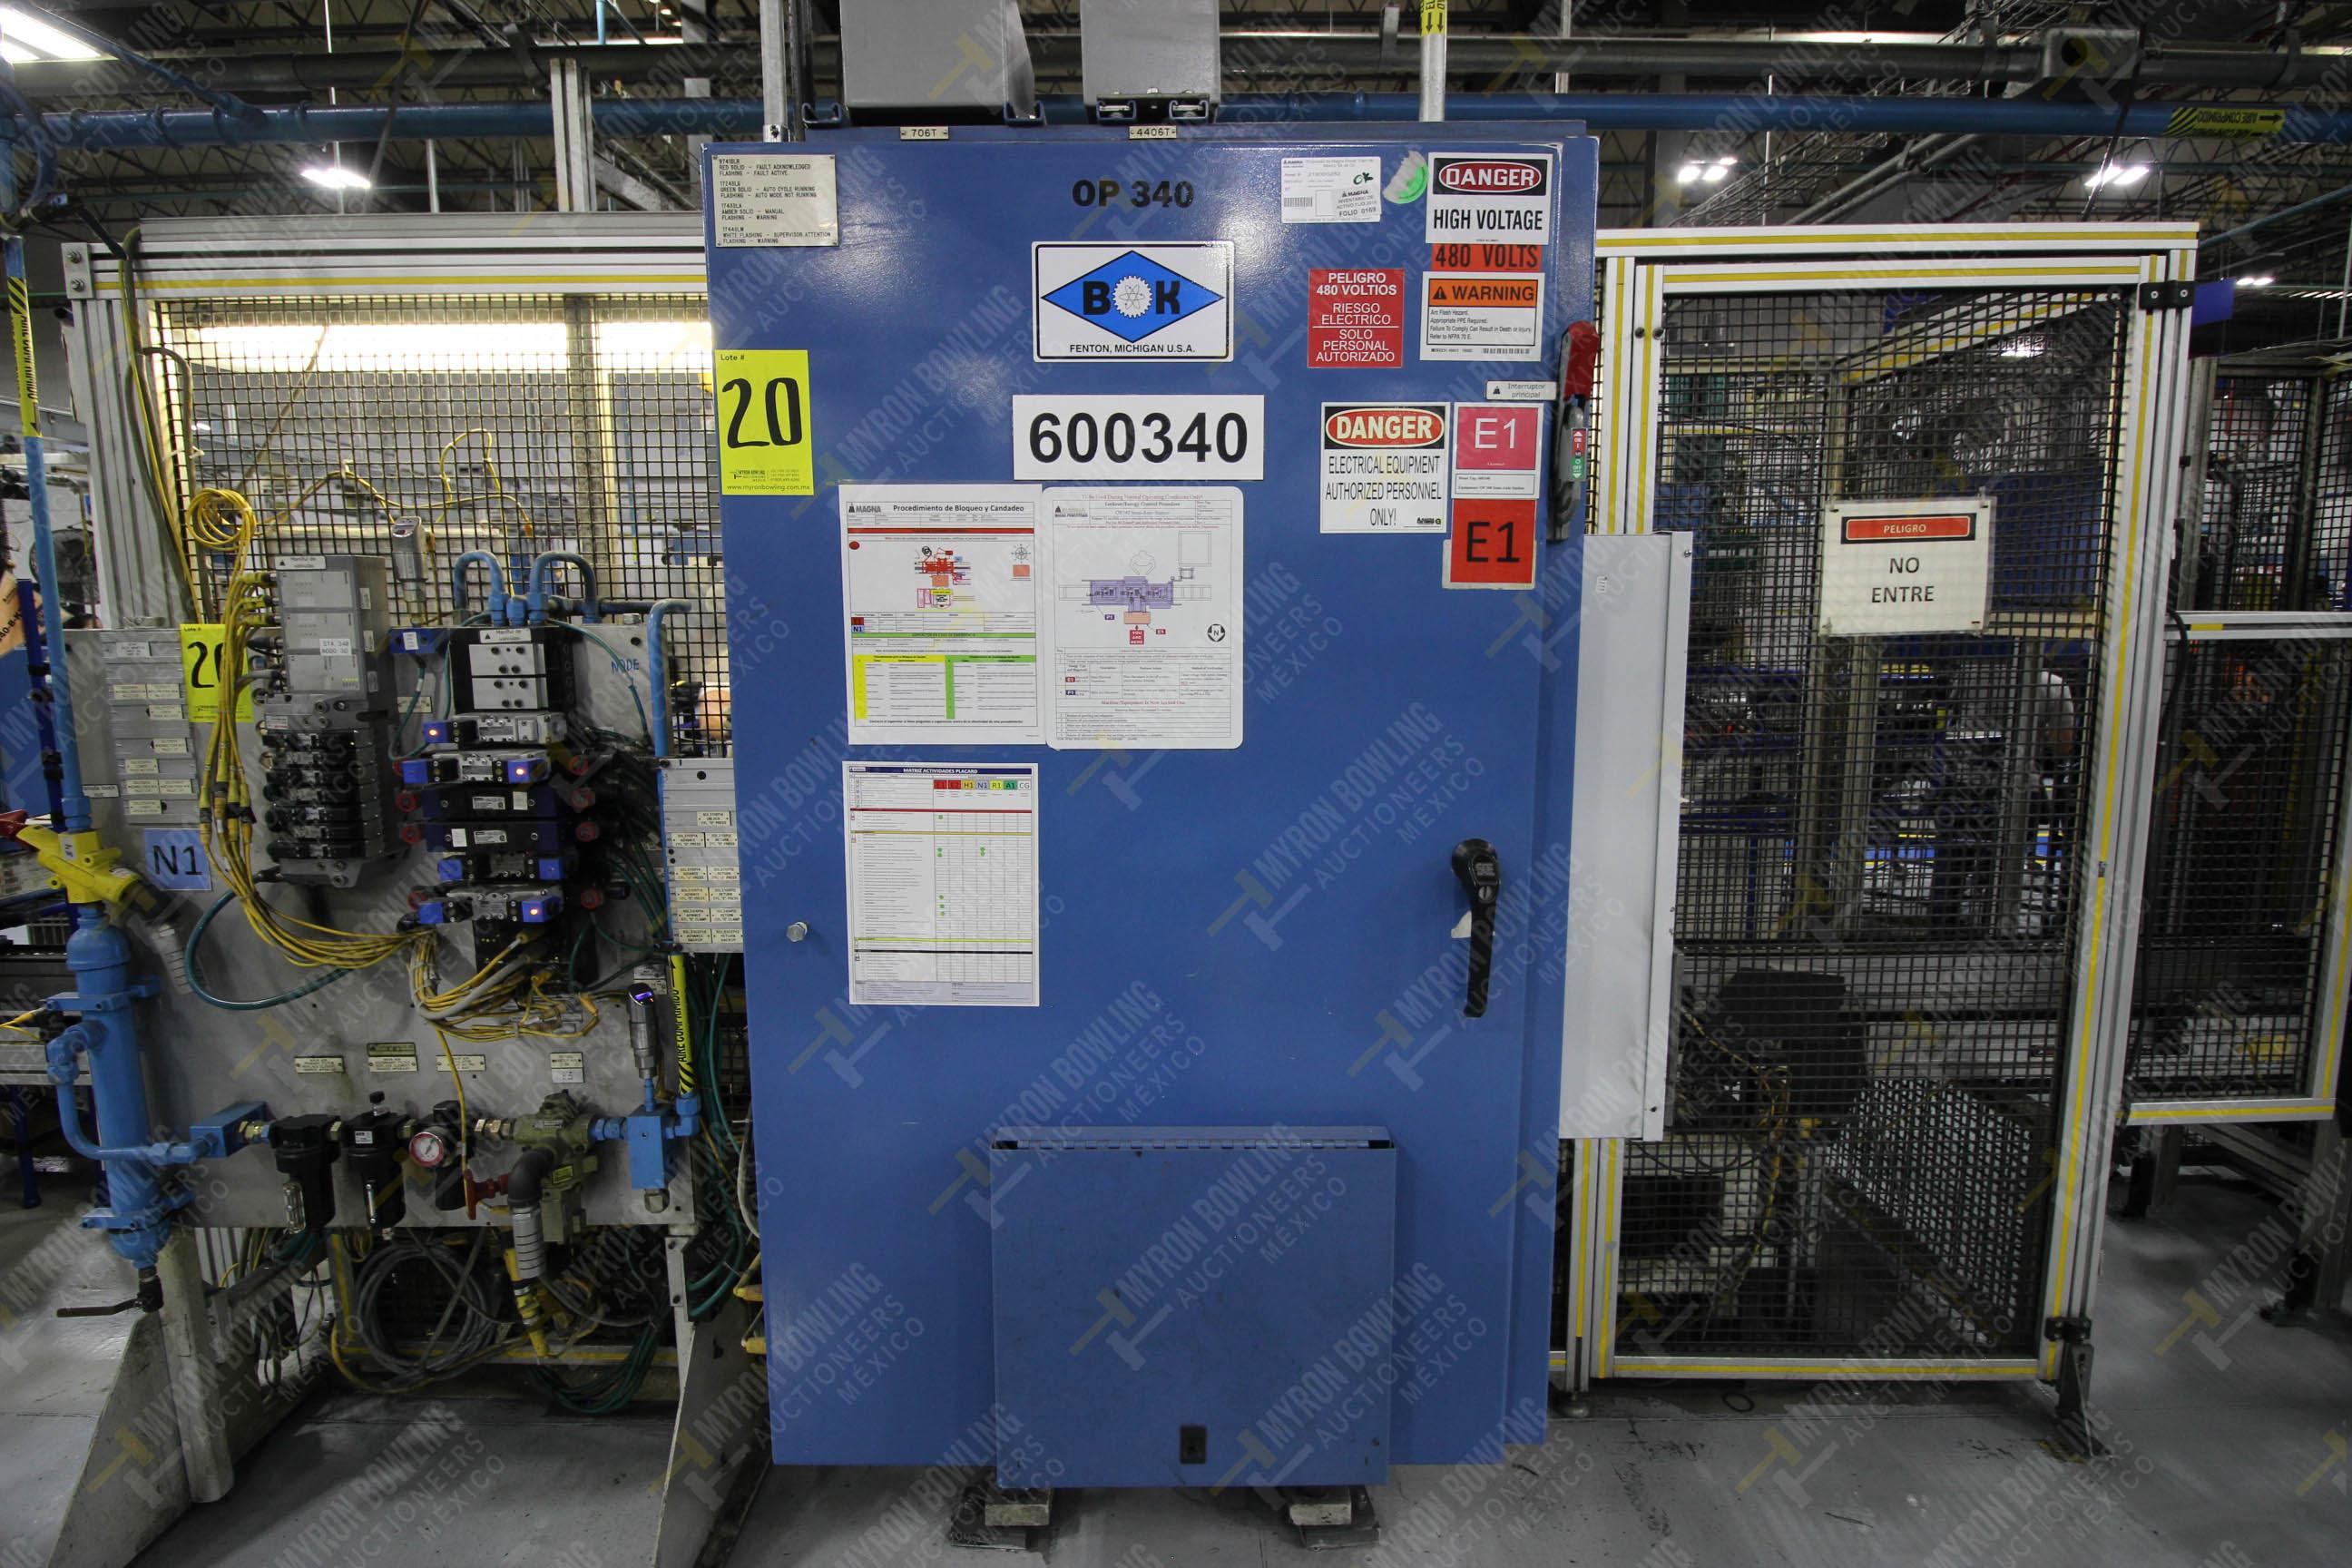 Estación semiautomática para operación 340, contiene: Prensa en estructura de placa de acero - Image 23 of 32